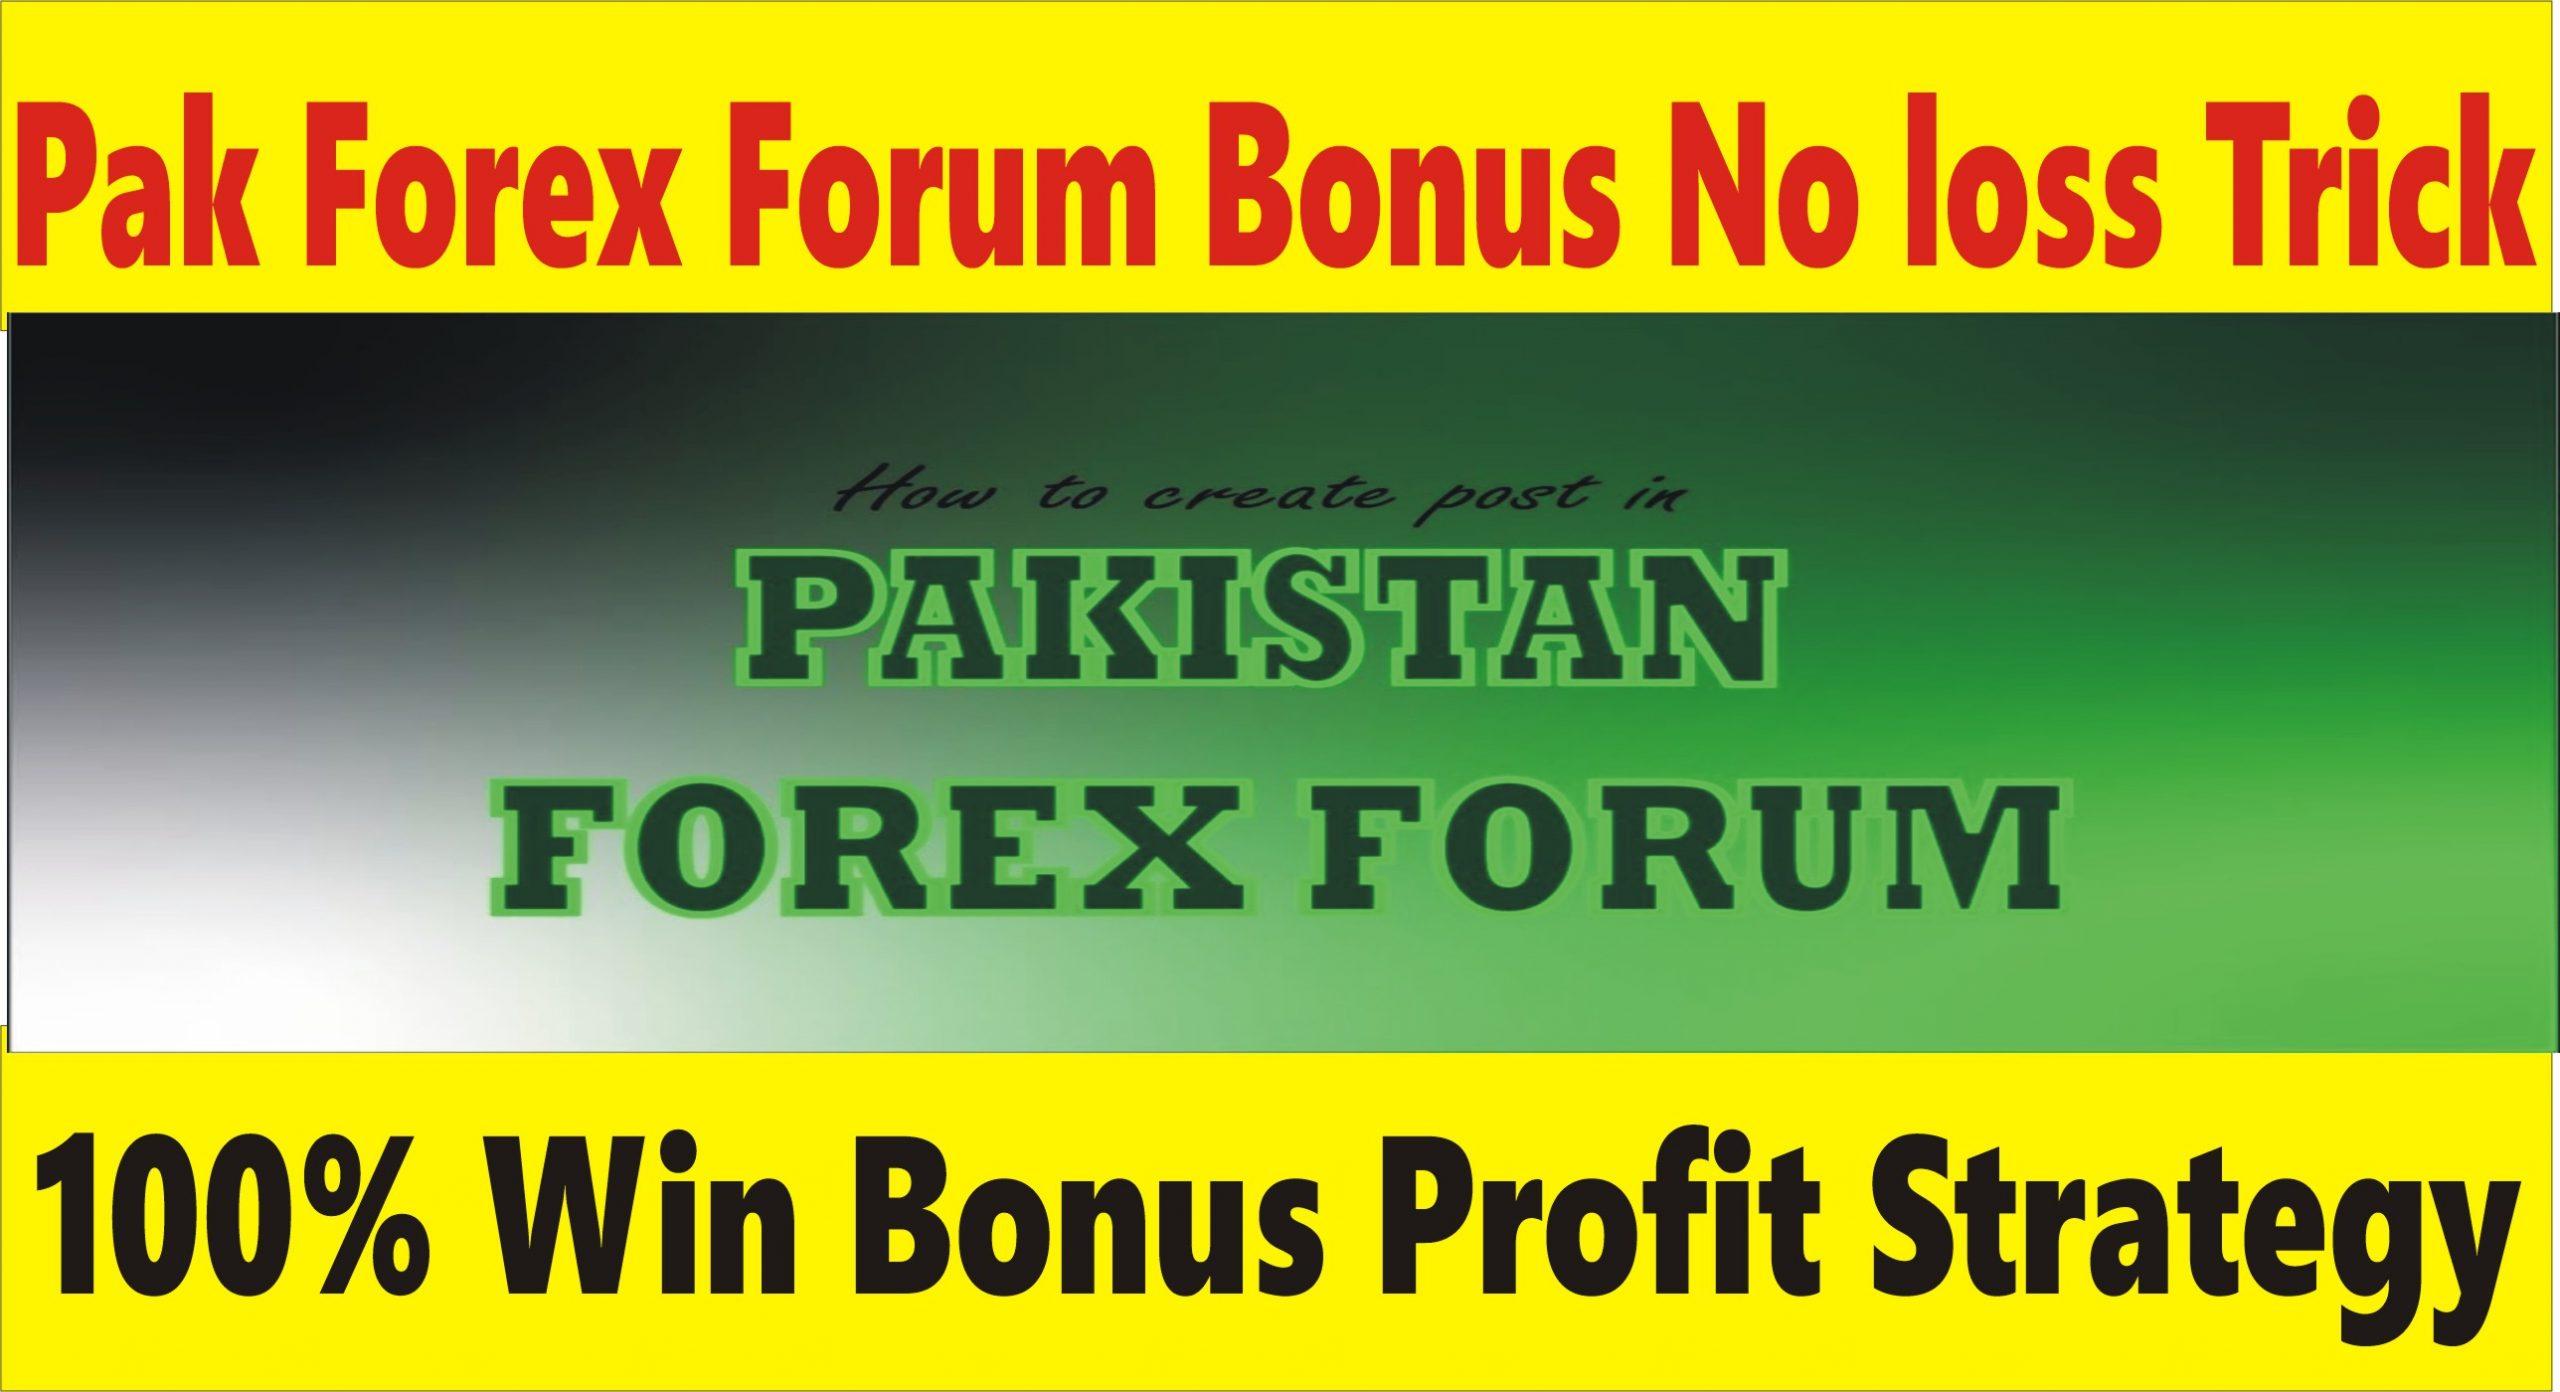 Forex traders: Pak forex forum